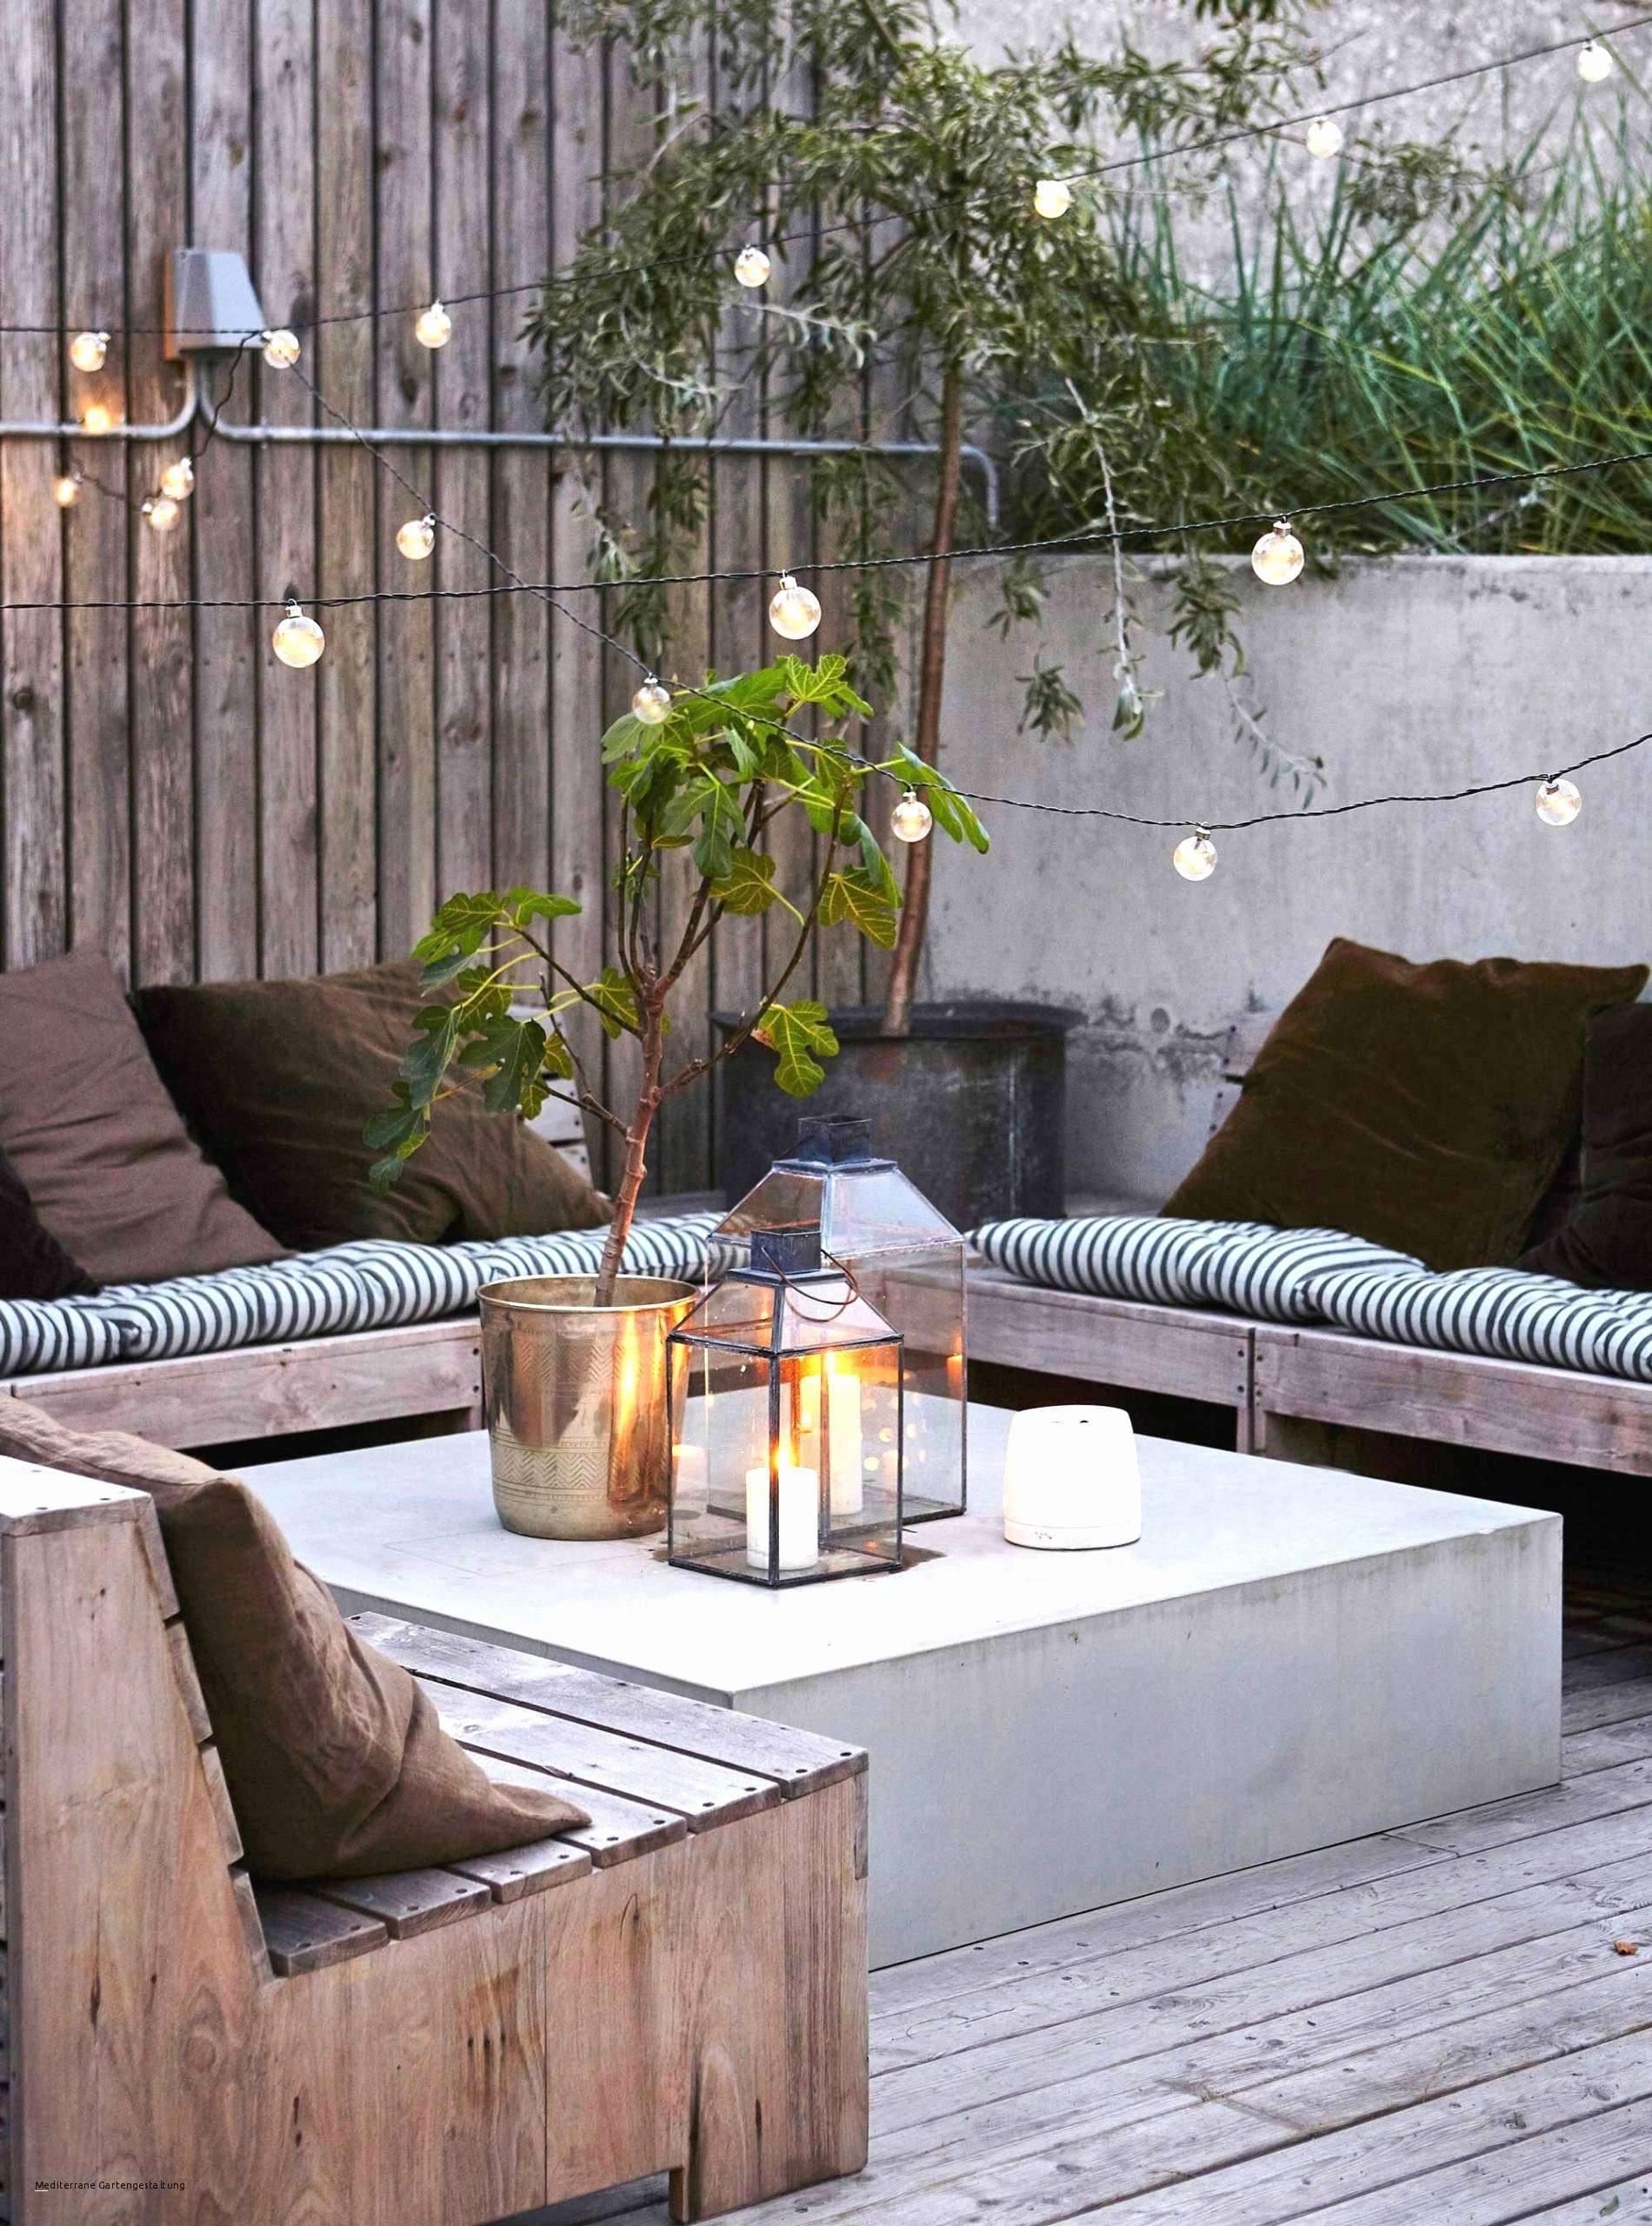 deko wohnzimmer selber machen genial deko garten modern deko garten selber machen neu deko balkon of deko wohnzimmer selber machen